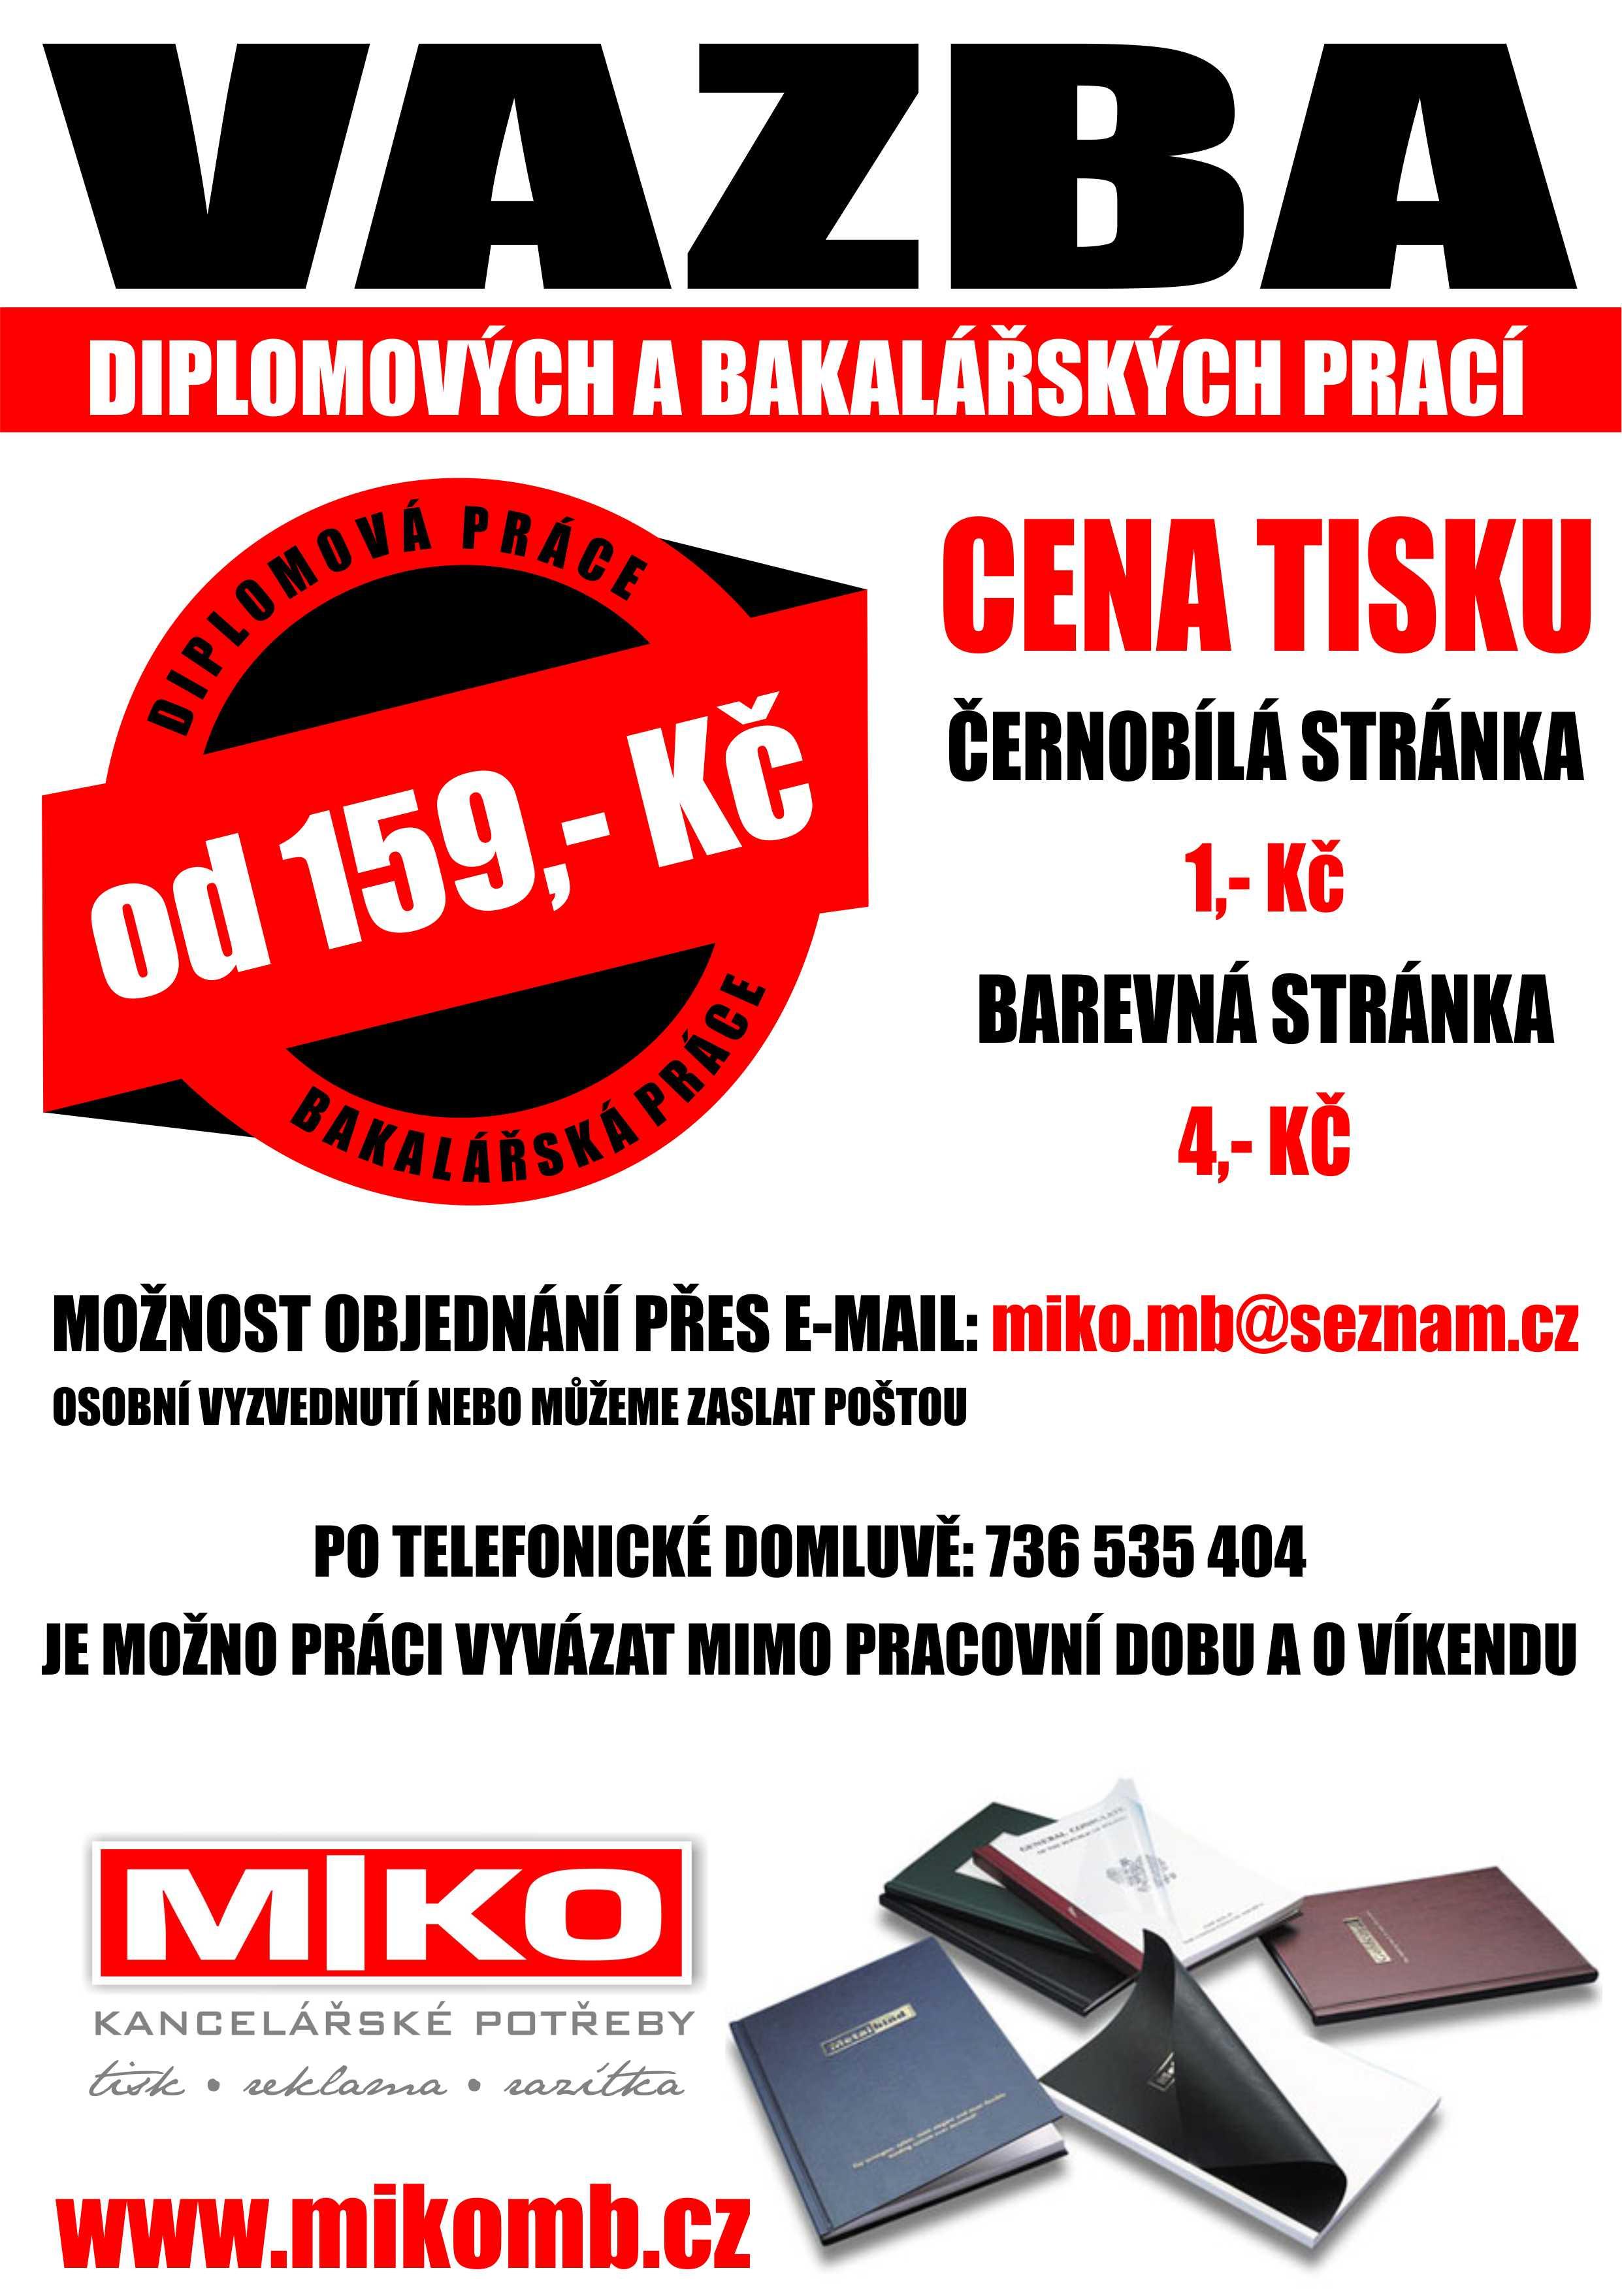 Vazba diplomových a bakalářských prací Moravské Budějovice